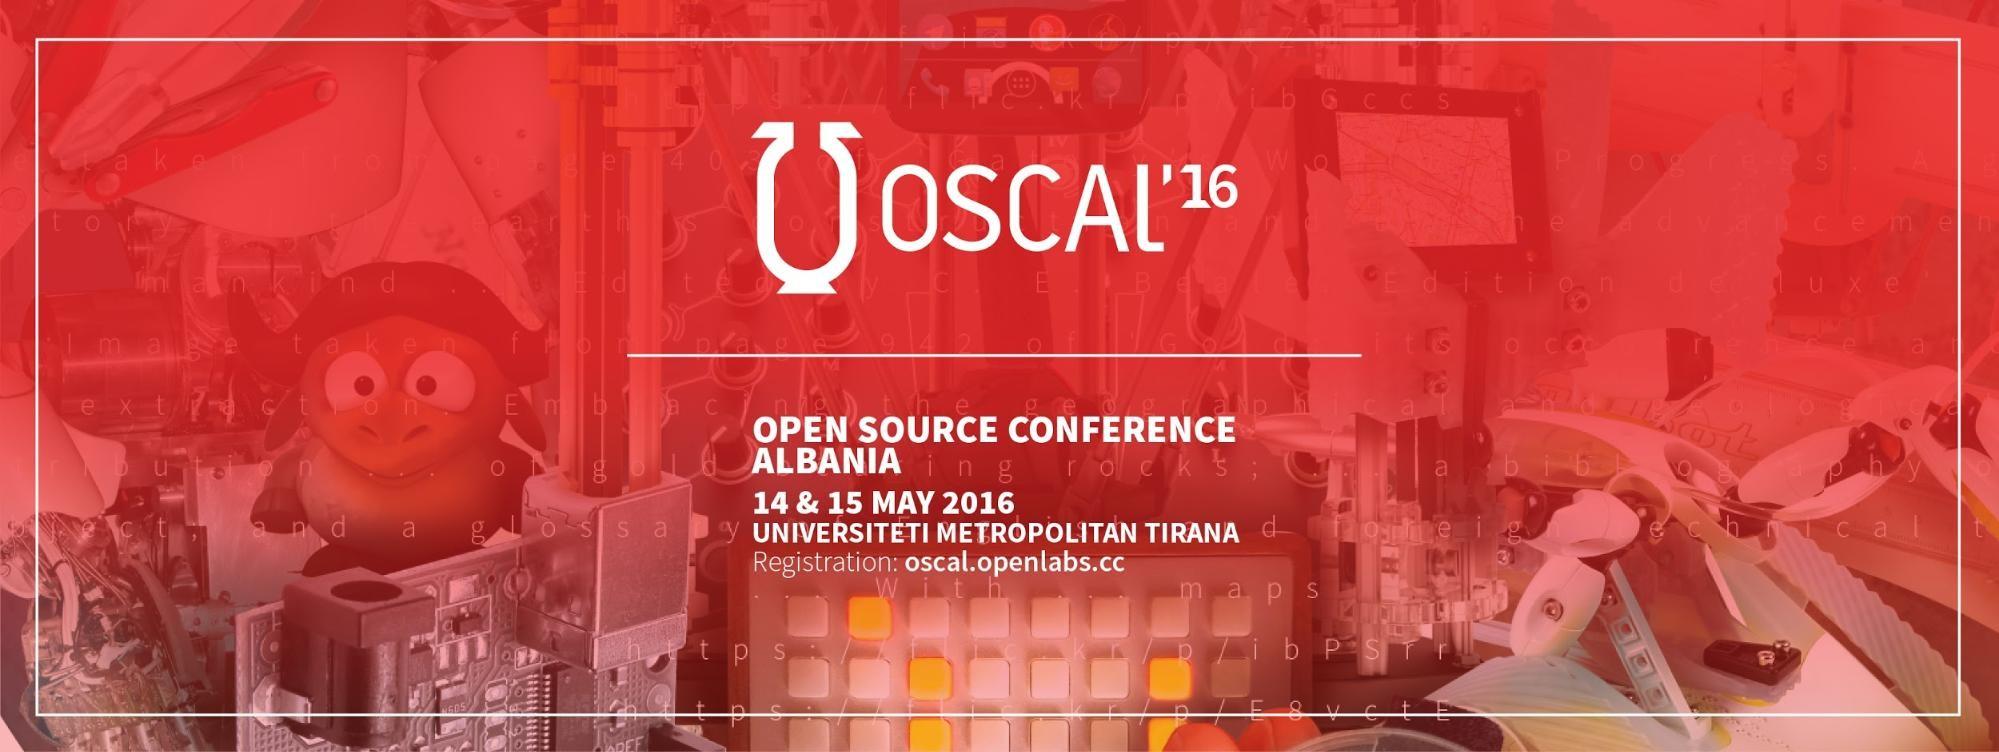 Në 14 & 15 maj 2016 edicioni i tretë i Open Source Conference Albania